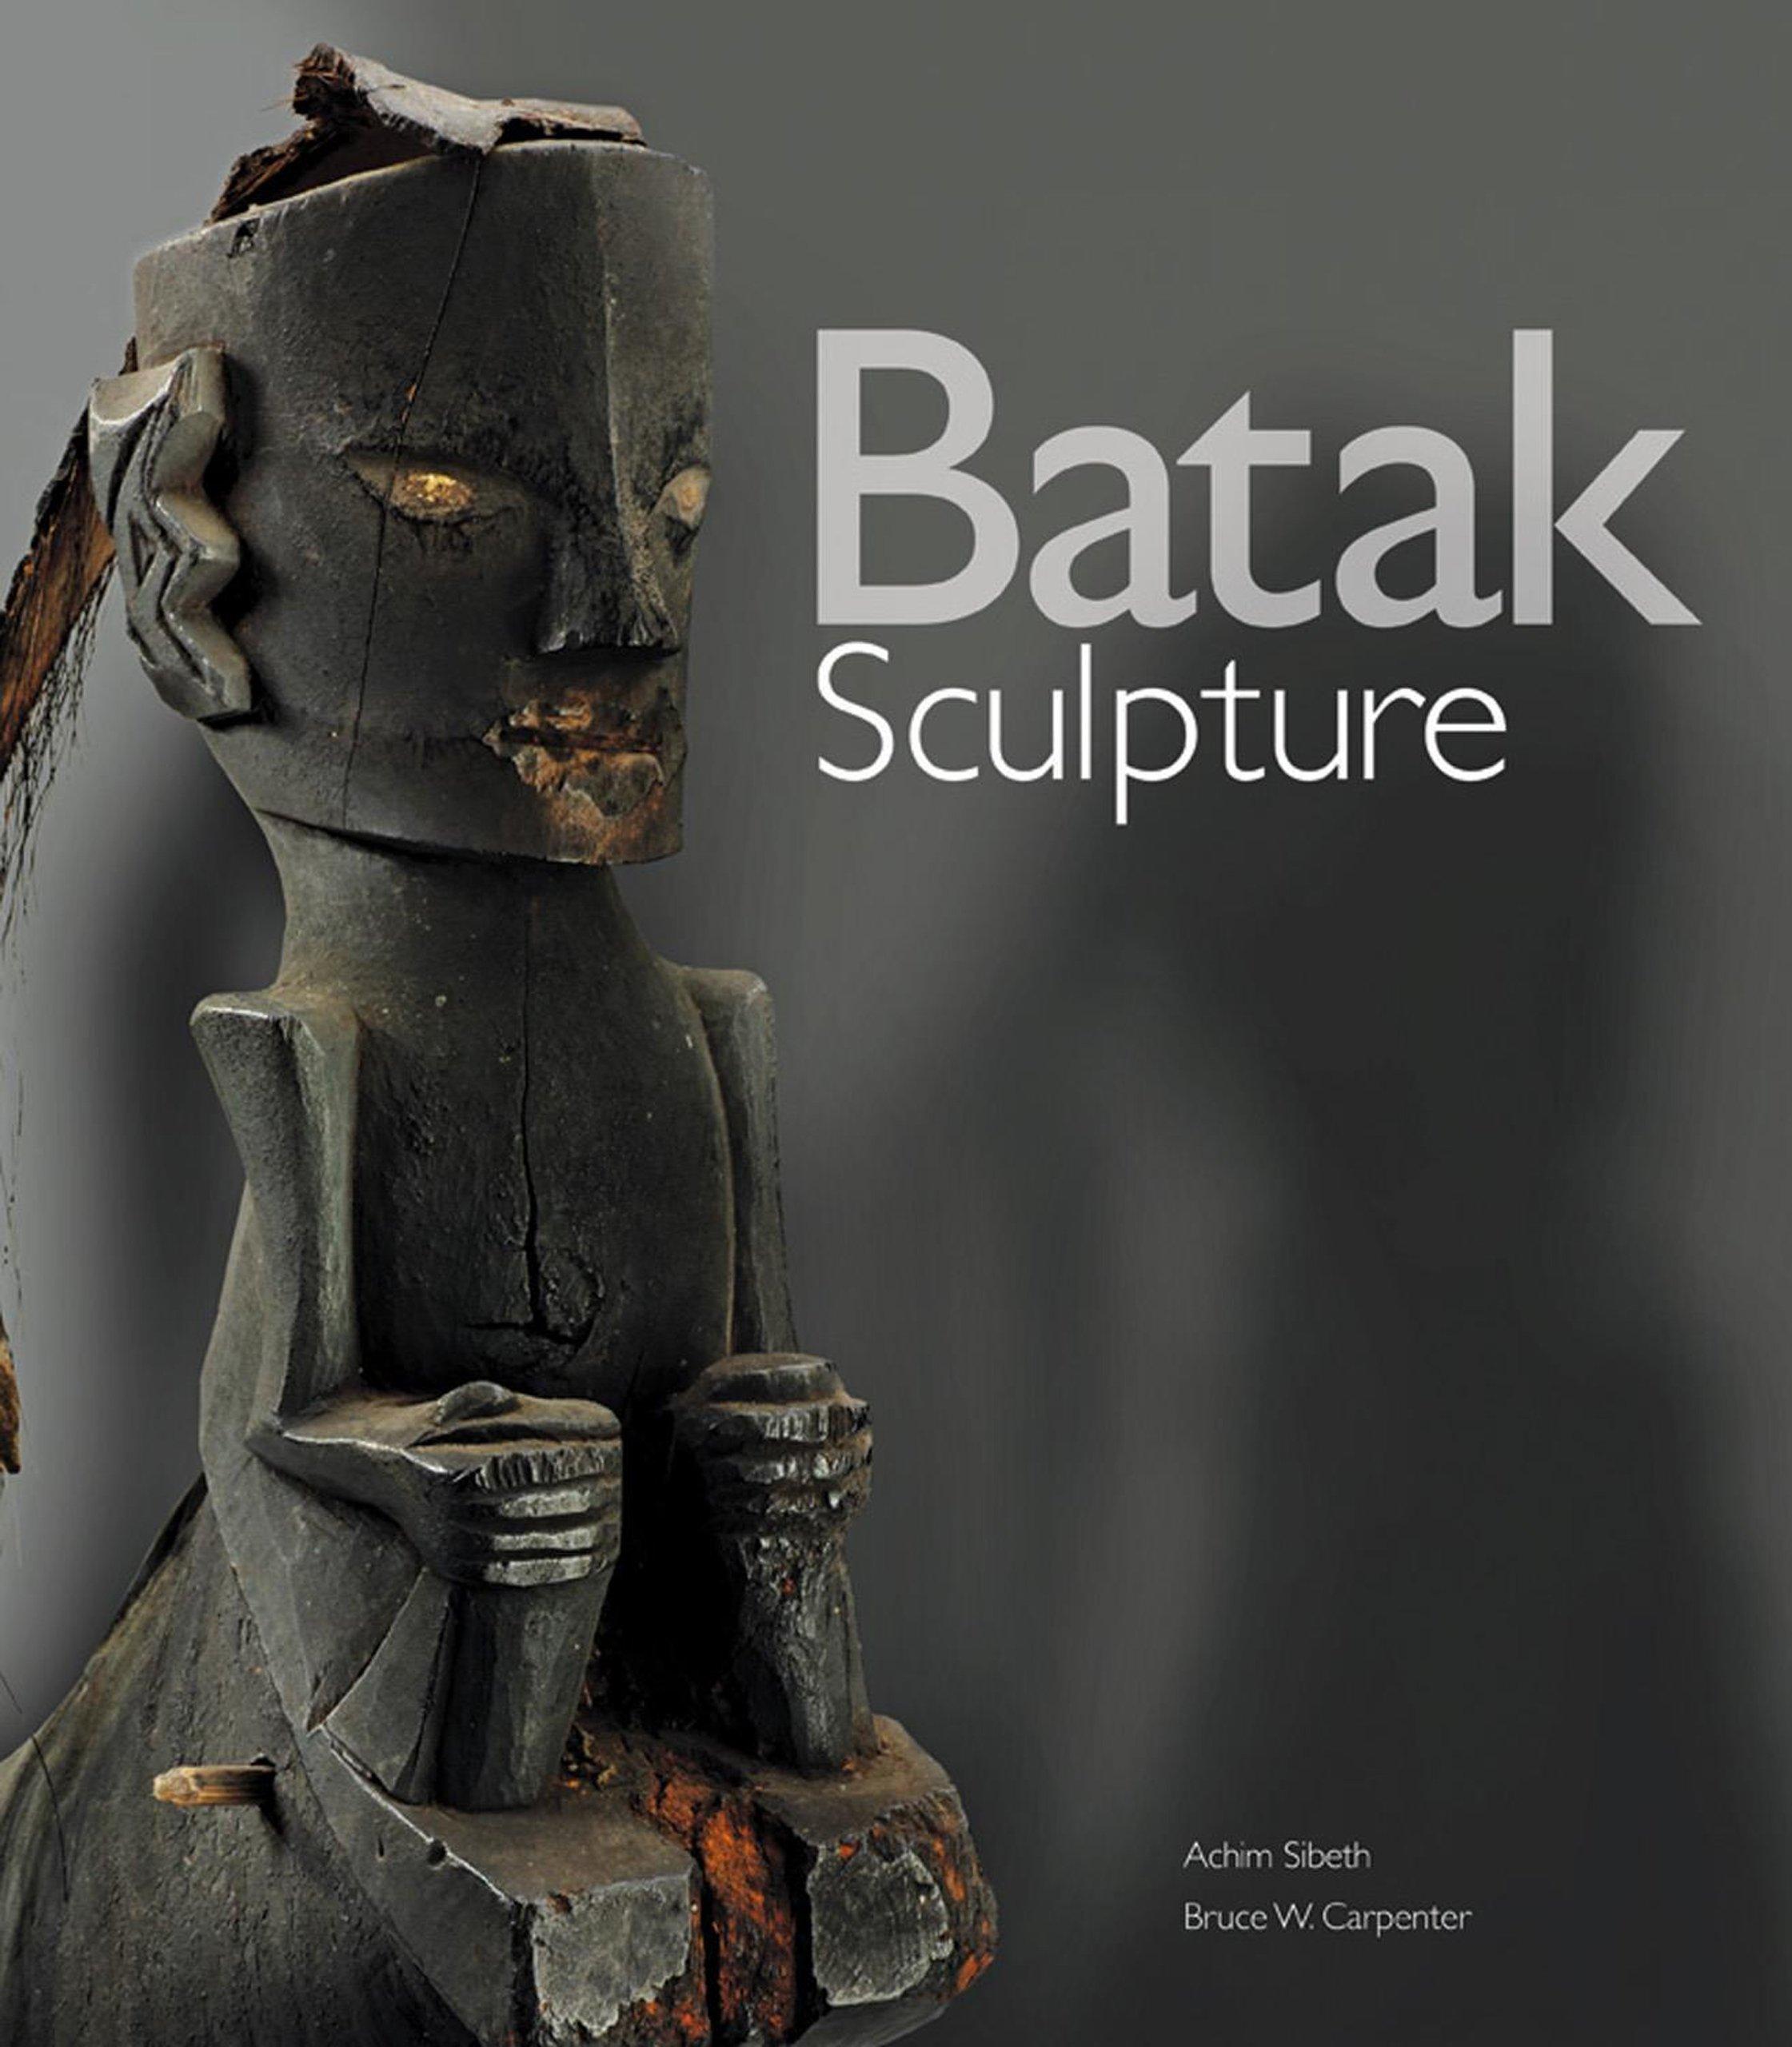 Batak Sculpture